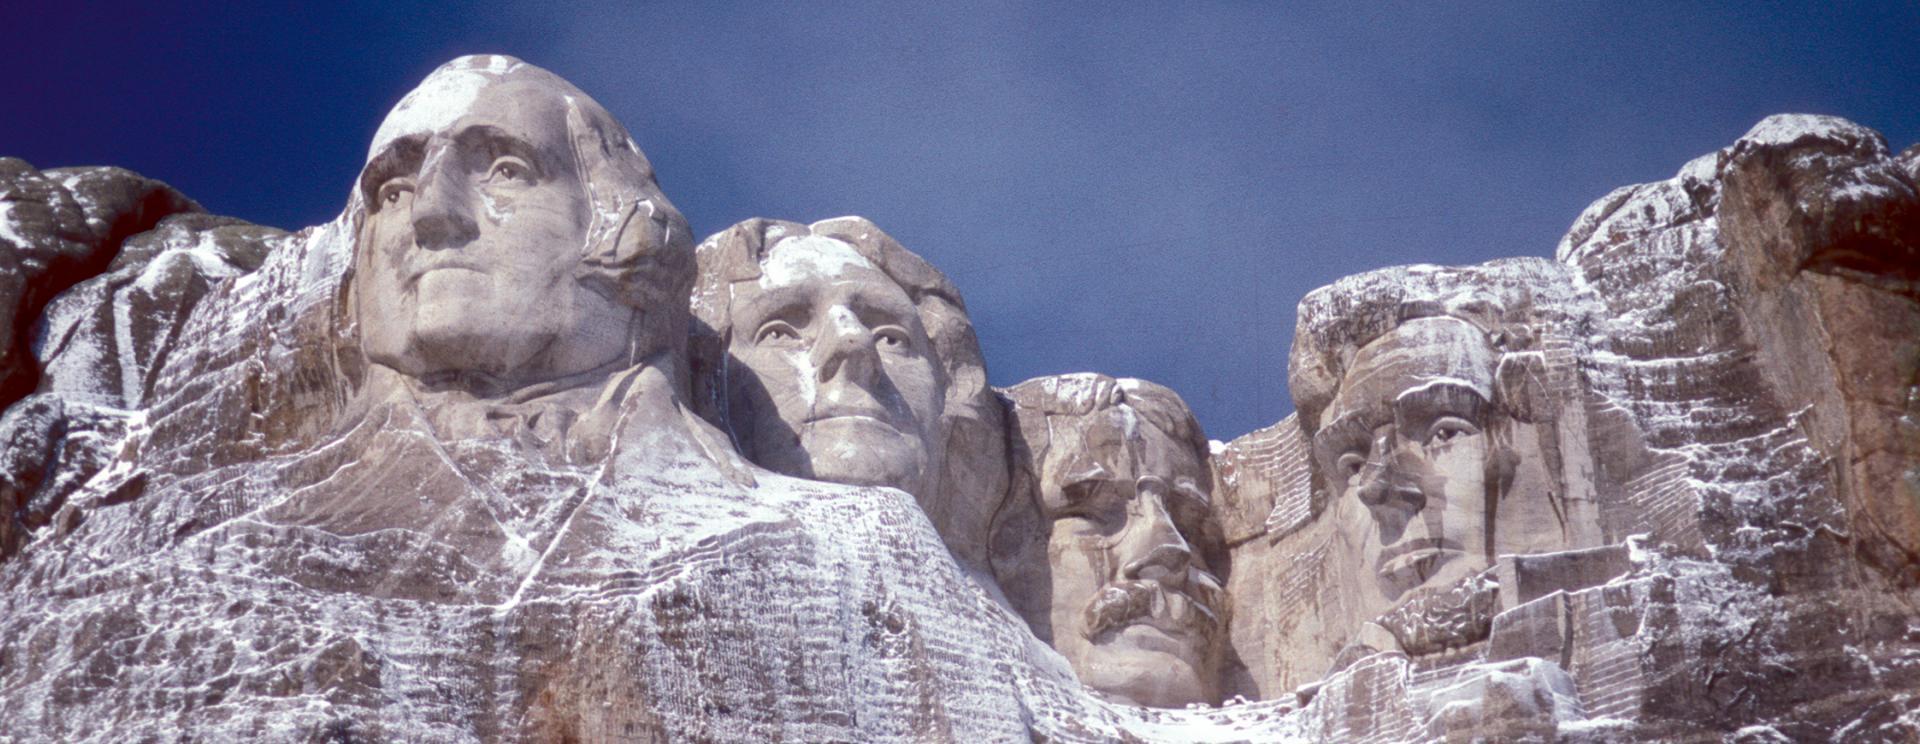 Deadwood Winter Monuments Tour